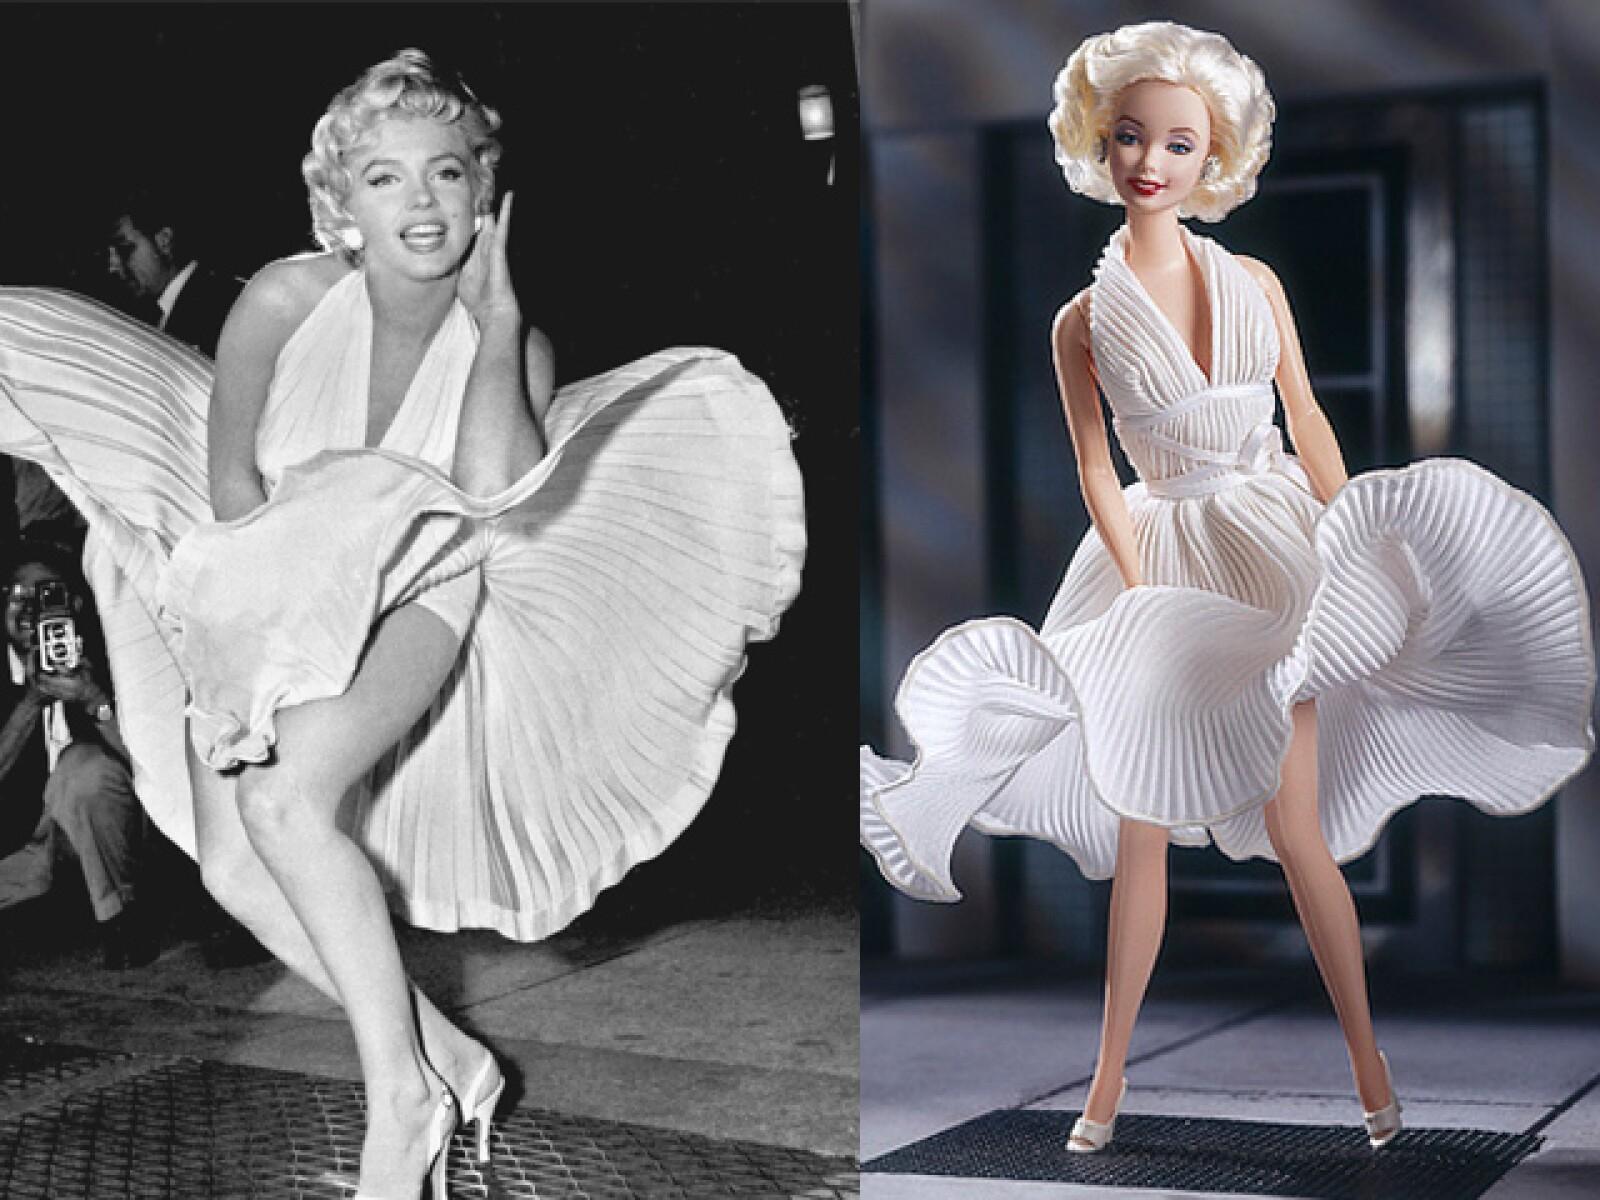 Marilyn siempre será recordada por ese instante que ha sido capturado reproducida en una muñeca.